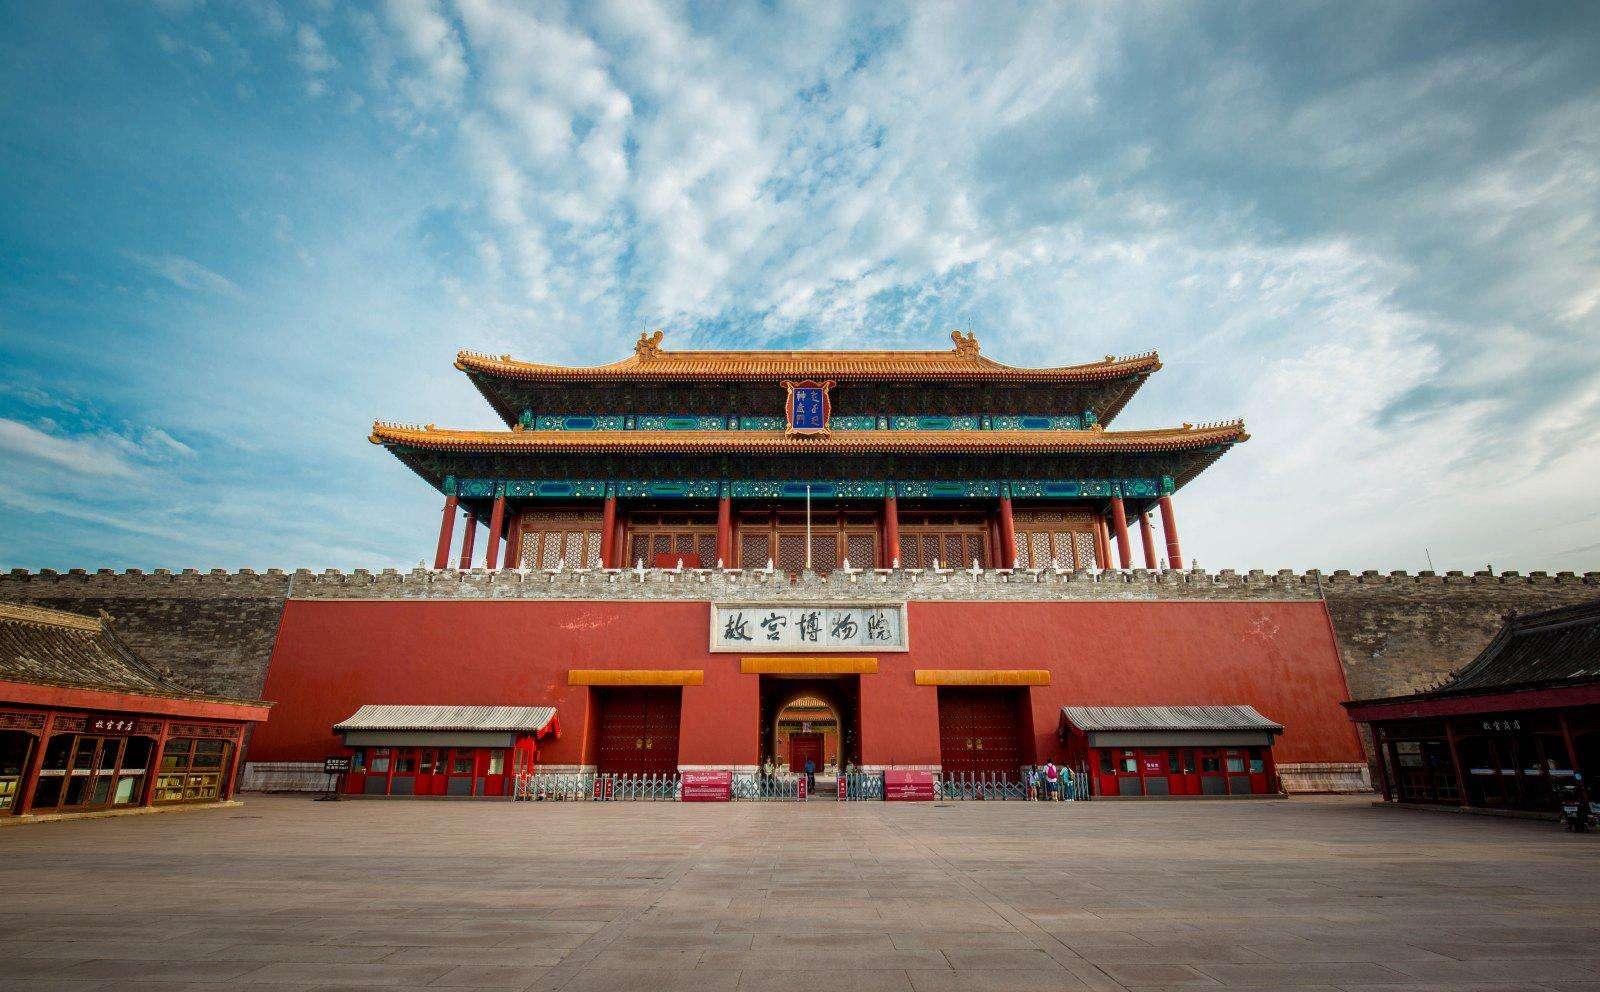 故宫建于哪个朝代,经历六百年间多次焚毁修缮,才有如今的故宫